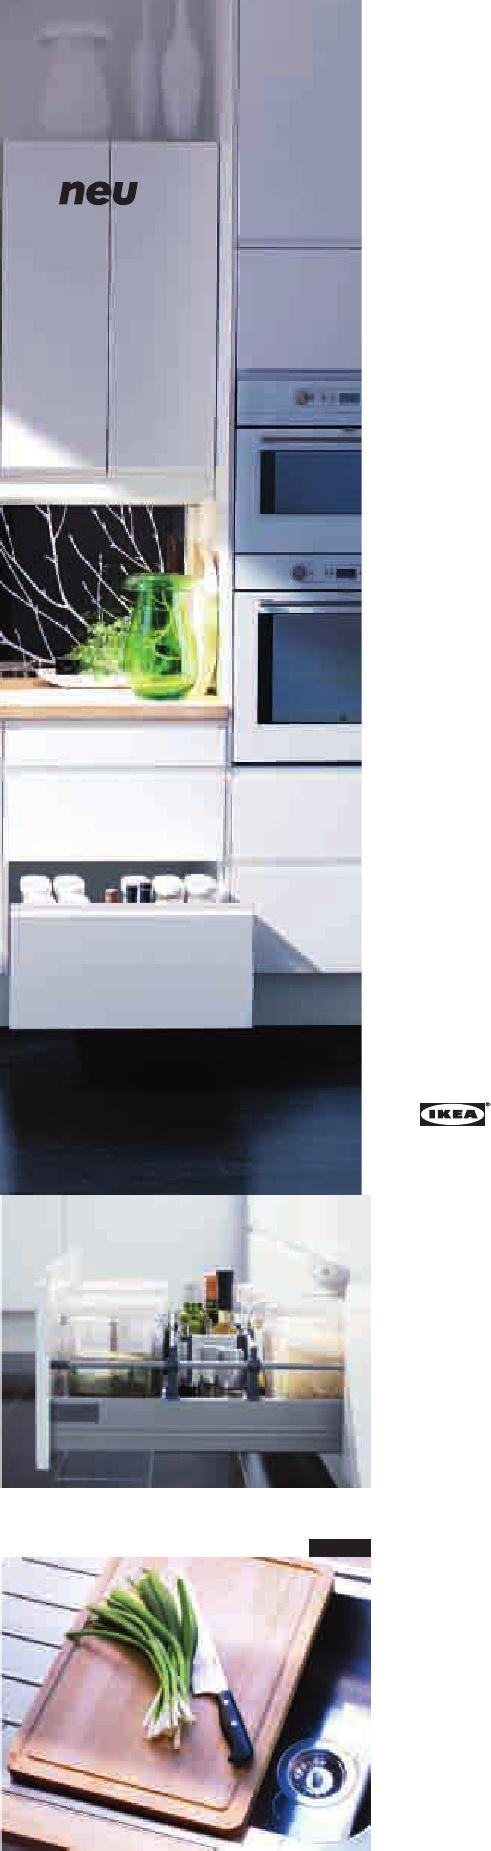 Full Size of Ikea Modulküche Bravad Kuchen 2008 Holz Sofa Mit Schlaffunktion Betten Bei Miniküche Küche Kaufen Kosten 160x200 Wohnzimmer Ikea Modulküche Bravad